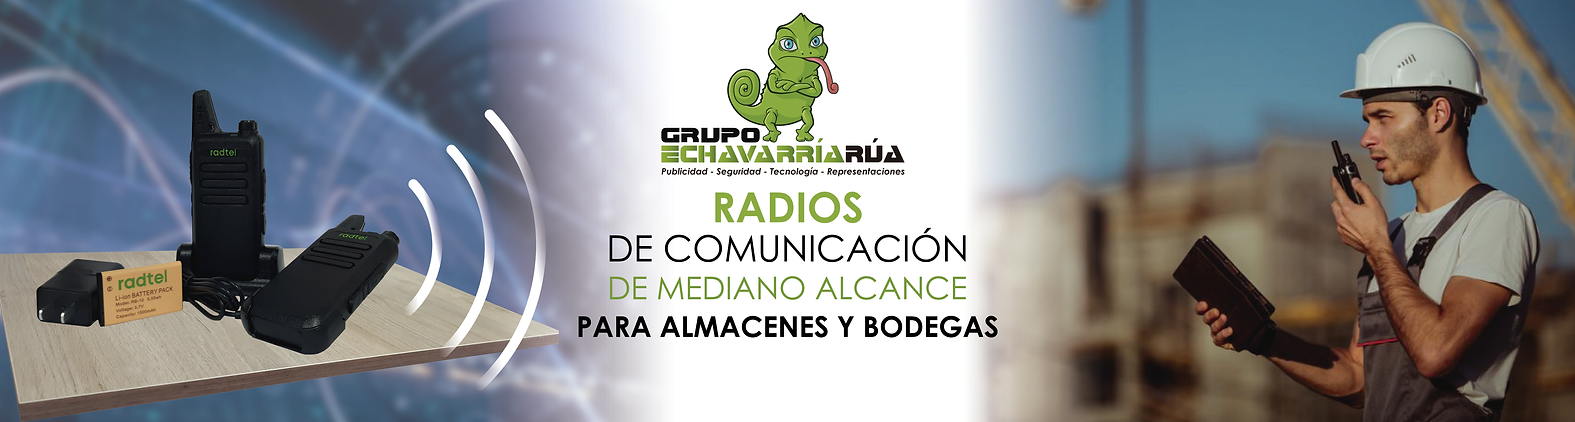 Radios de telecomunicación para almacenes y bodegas medellin.png